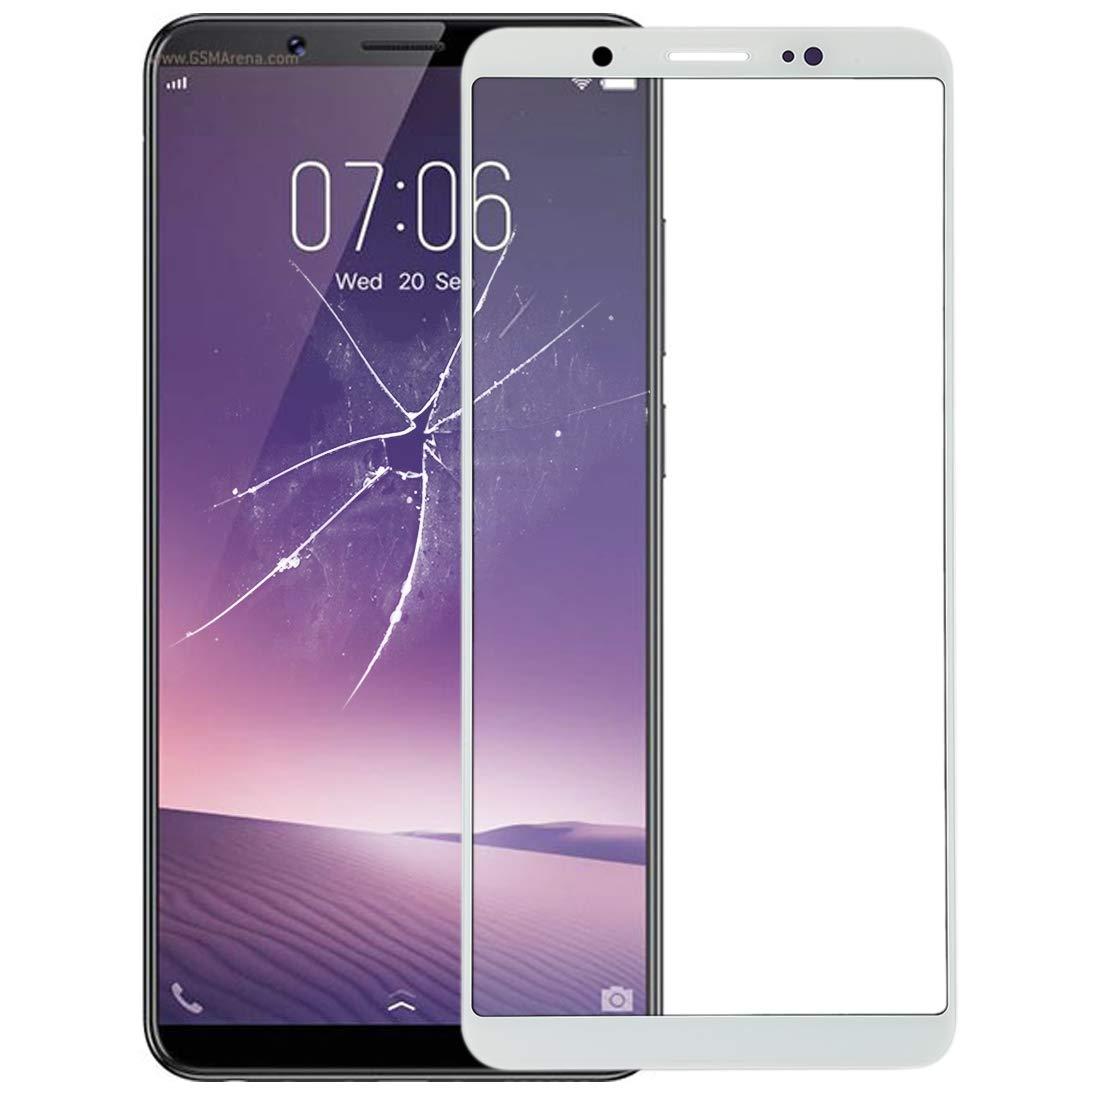 YANSHANG Repuestos para Smartphone Lente de Cristal Exterior for Pantalla Delantera for Vivo Y79 (Negro) Partes de refacción (Color : White): Amazon.es: Electrónica